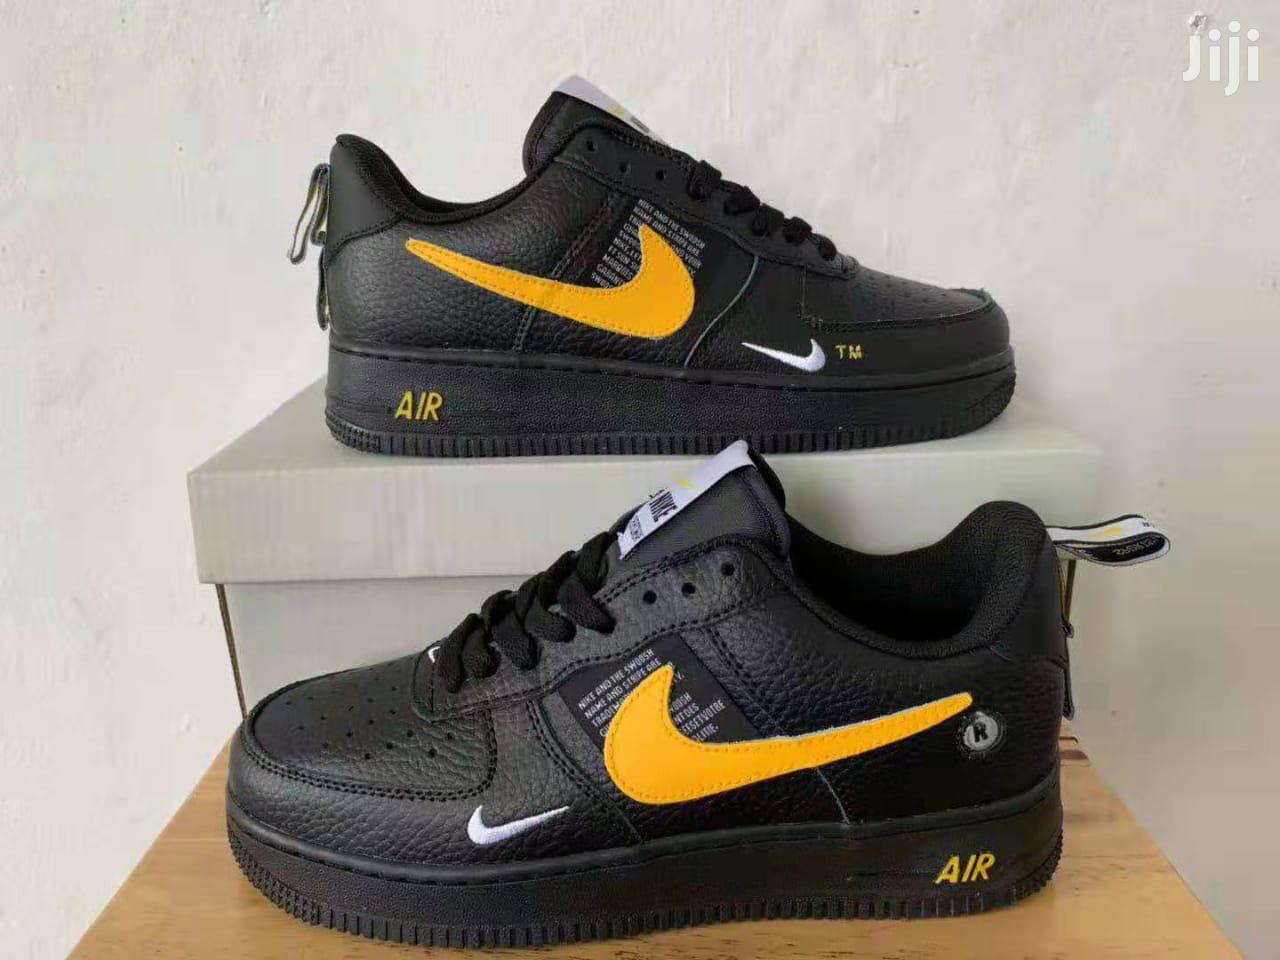 Unisex Casual Nike Airforce TM Sneakers